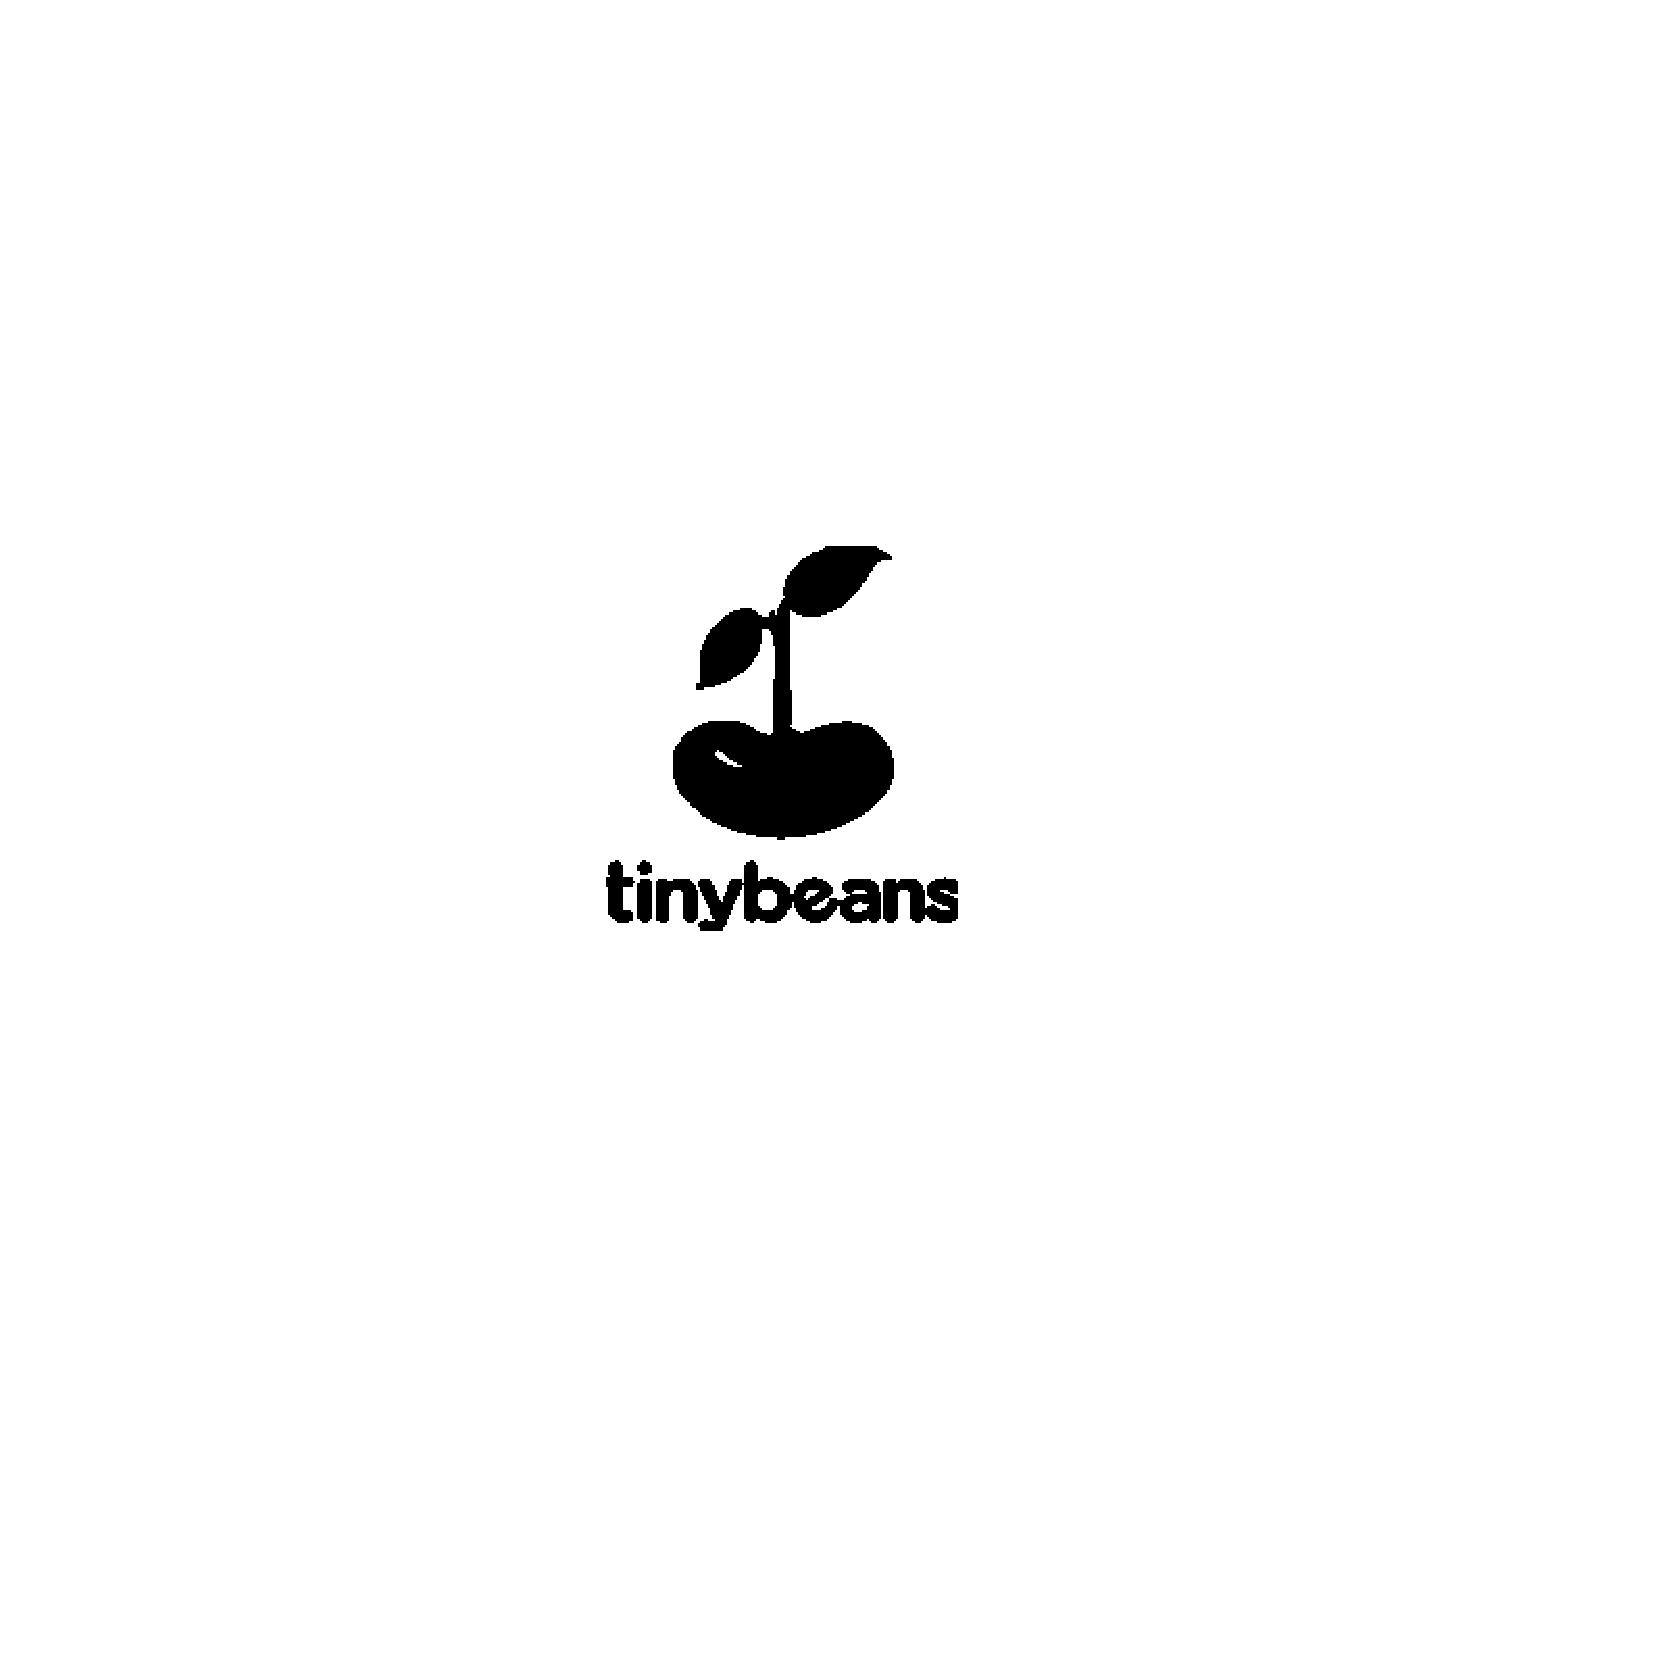 Tinybeans-01.png